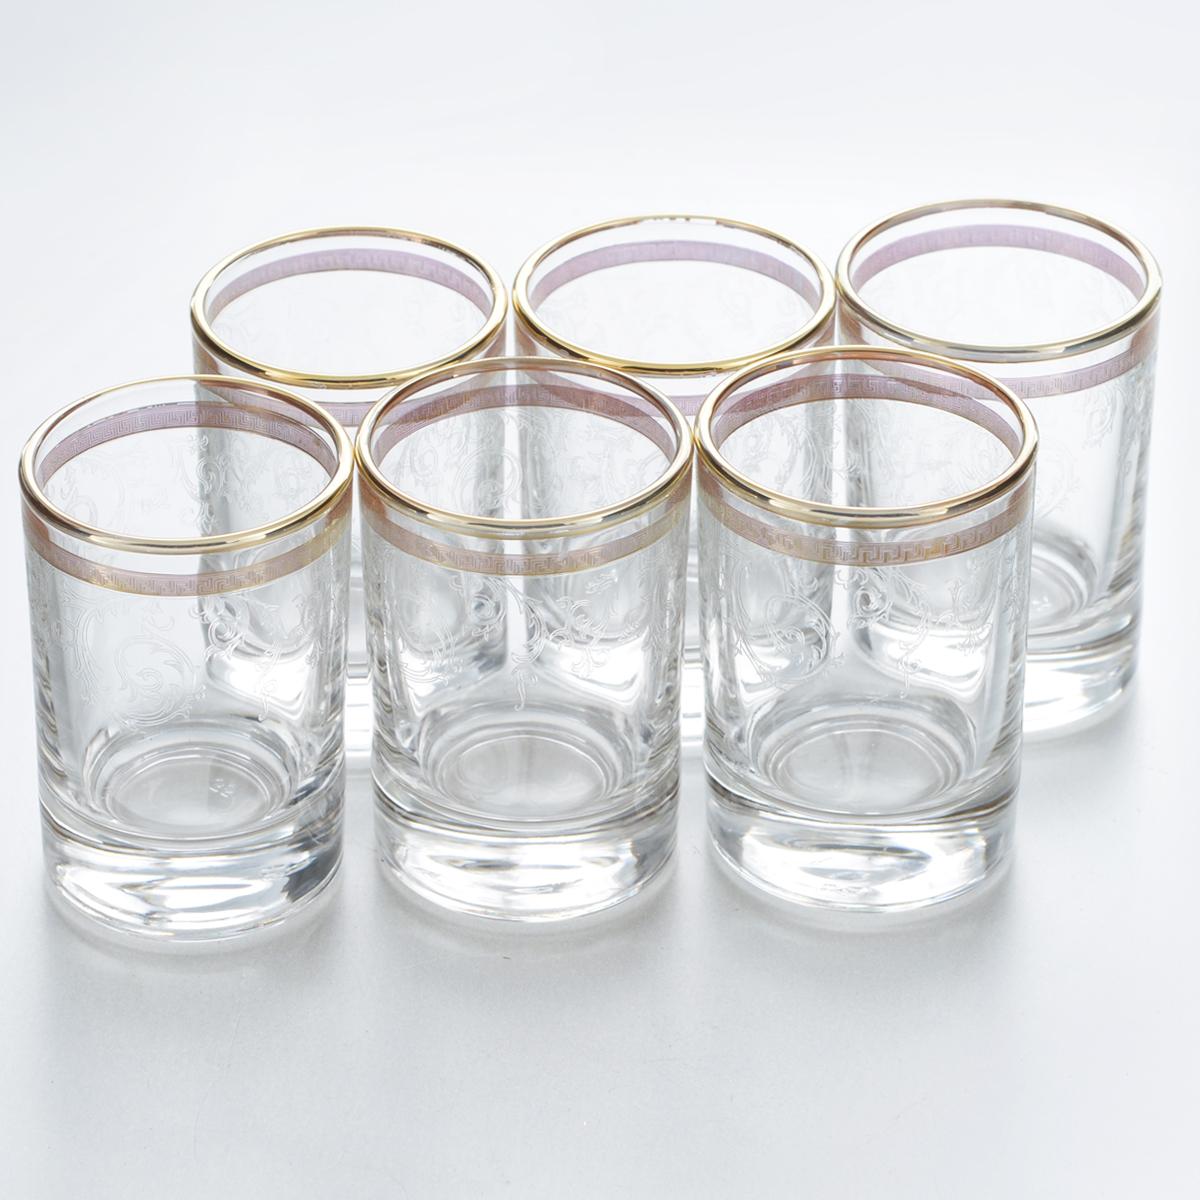 Набор стопок Гусь-Хрустальный Каскад, 60 мл, 6 штTL40-837Набор Гусь-Хрустальный Каскад состоит из 6 стопок, изготовленных из высококачественного натрий-кальций-силикатного стекла. Изделия оформлены красивым зеркальным покрытием, оригинальной окантовкой и прозрачным орнаментом. Такой набор прекрасно дополнит праздничный стол и станет желанным подарком в любом доме. Разрешается мыть в посудомоечной машине. Диаметр стопки (по верхнему краю): 4,5 см. Высота стопки: 6,6 см.